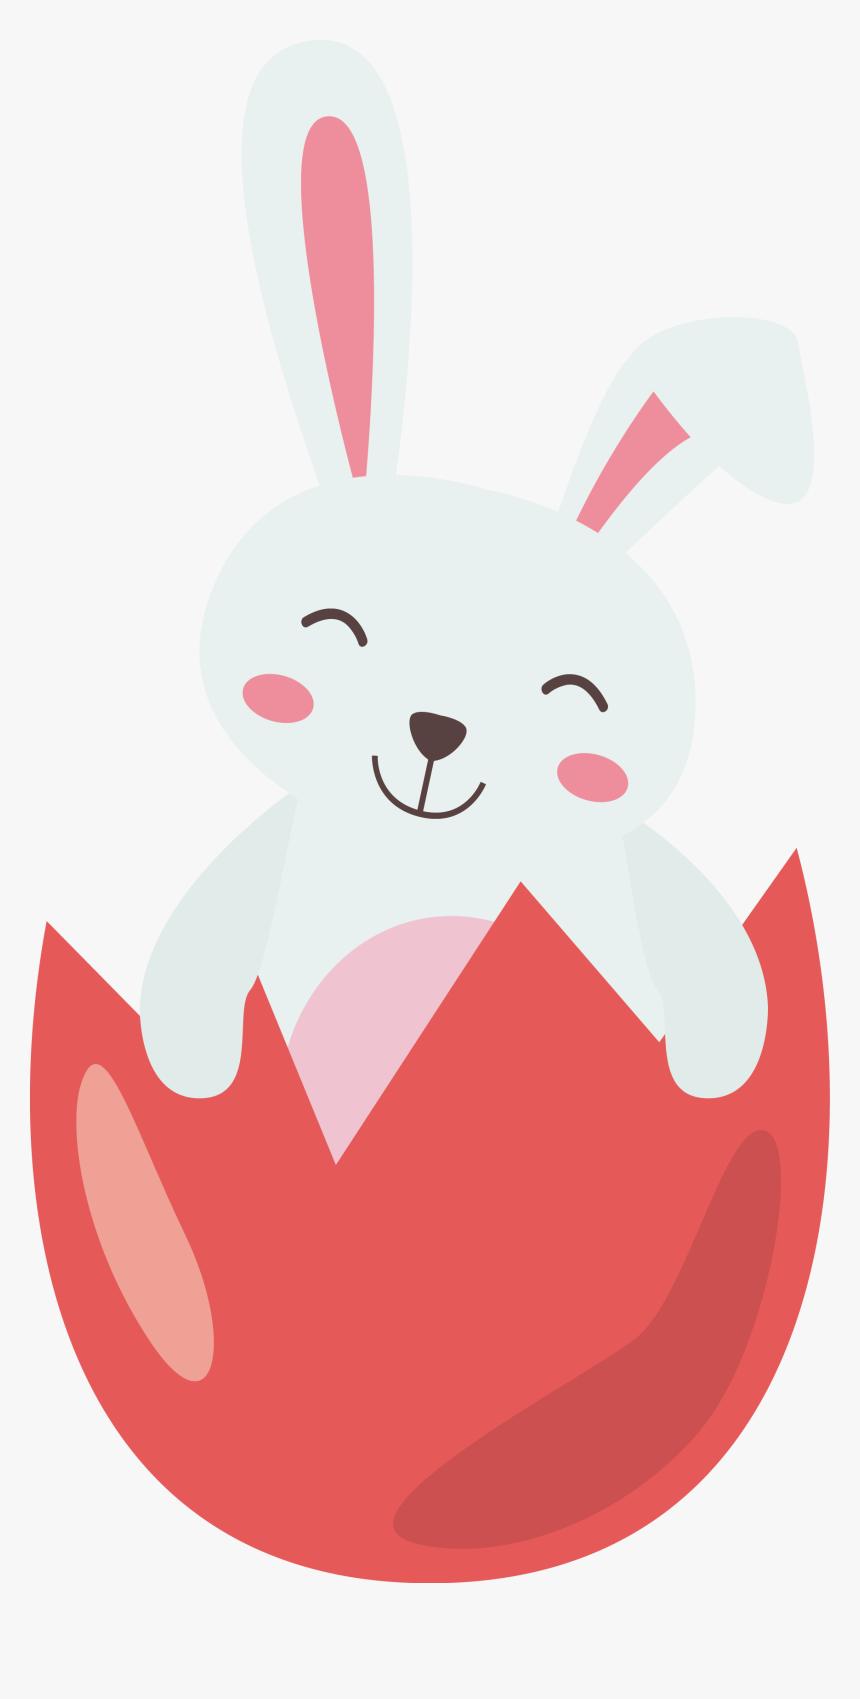 Vector Rabbit Easter Design - Rabbit Easter Png, Transparent Png, Free Download